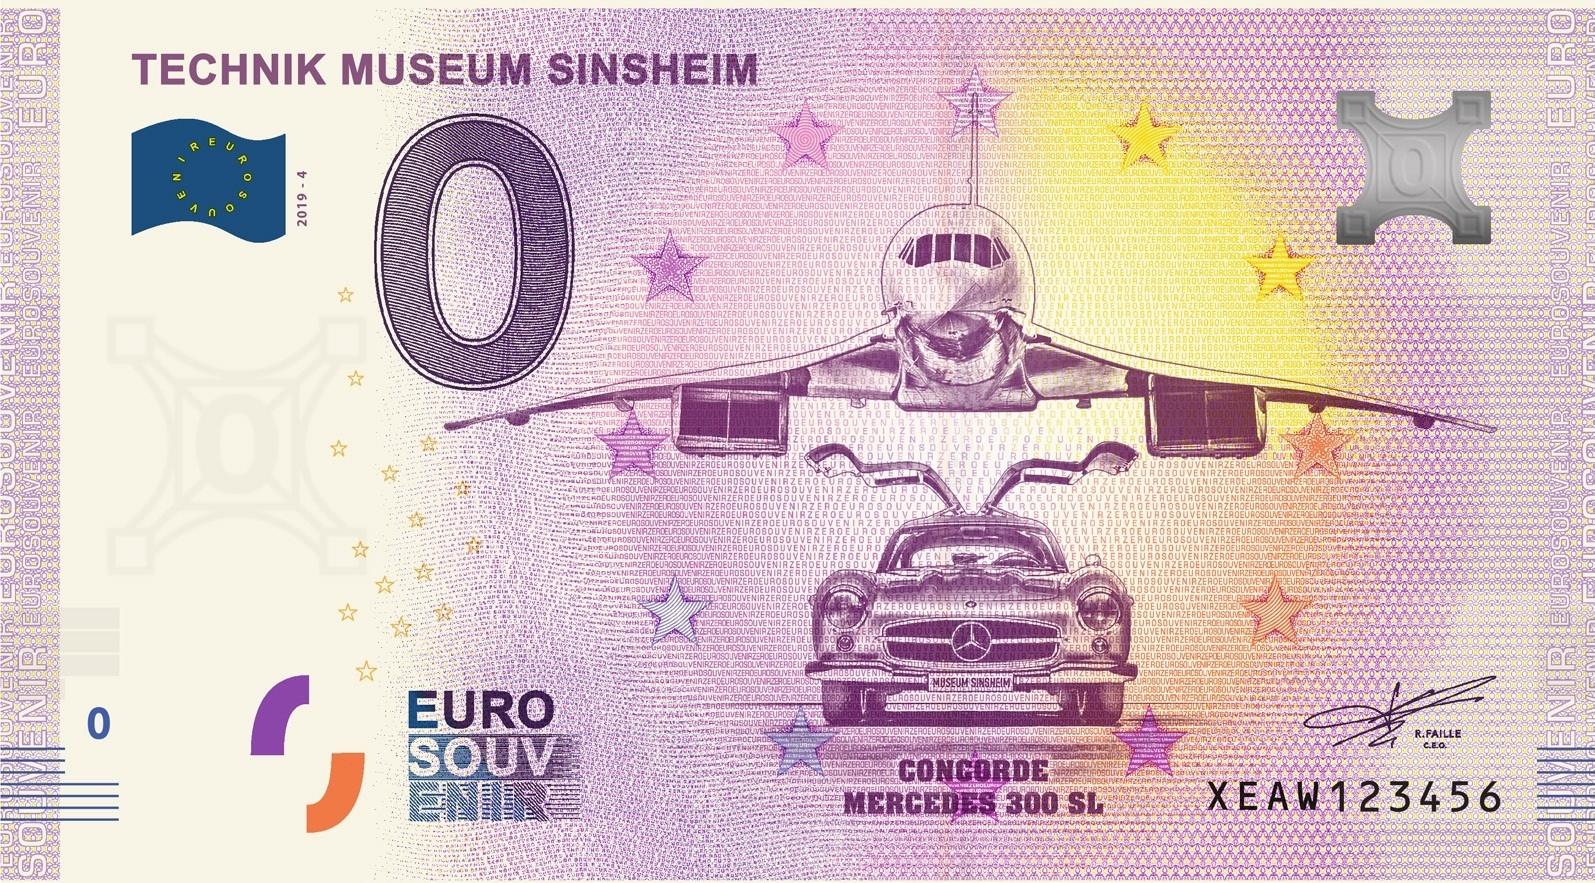 Souvenir 0 Euro Notes